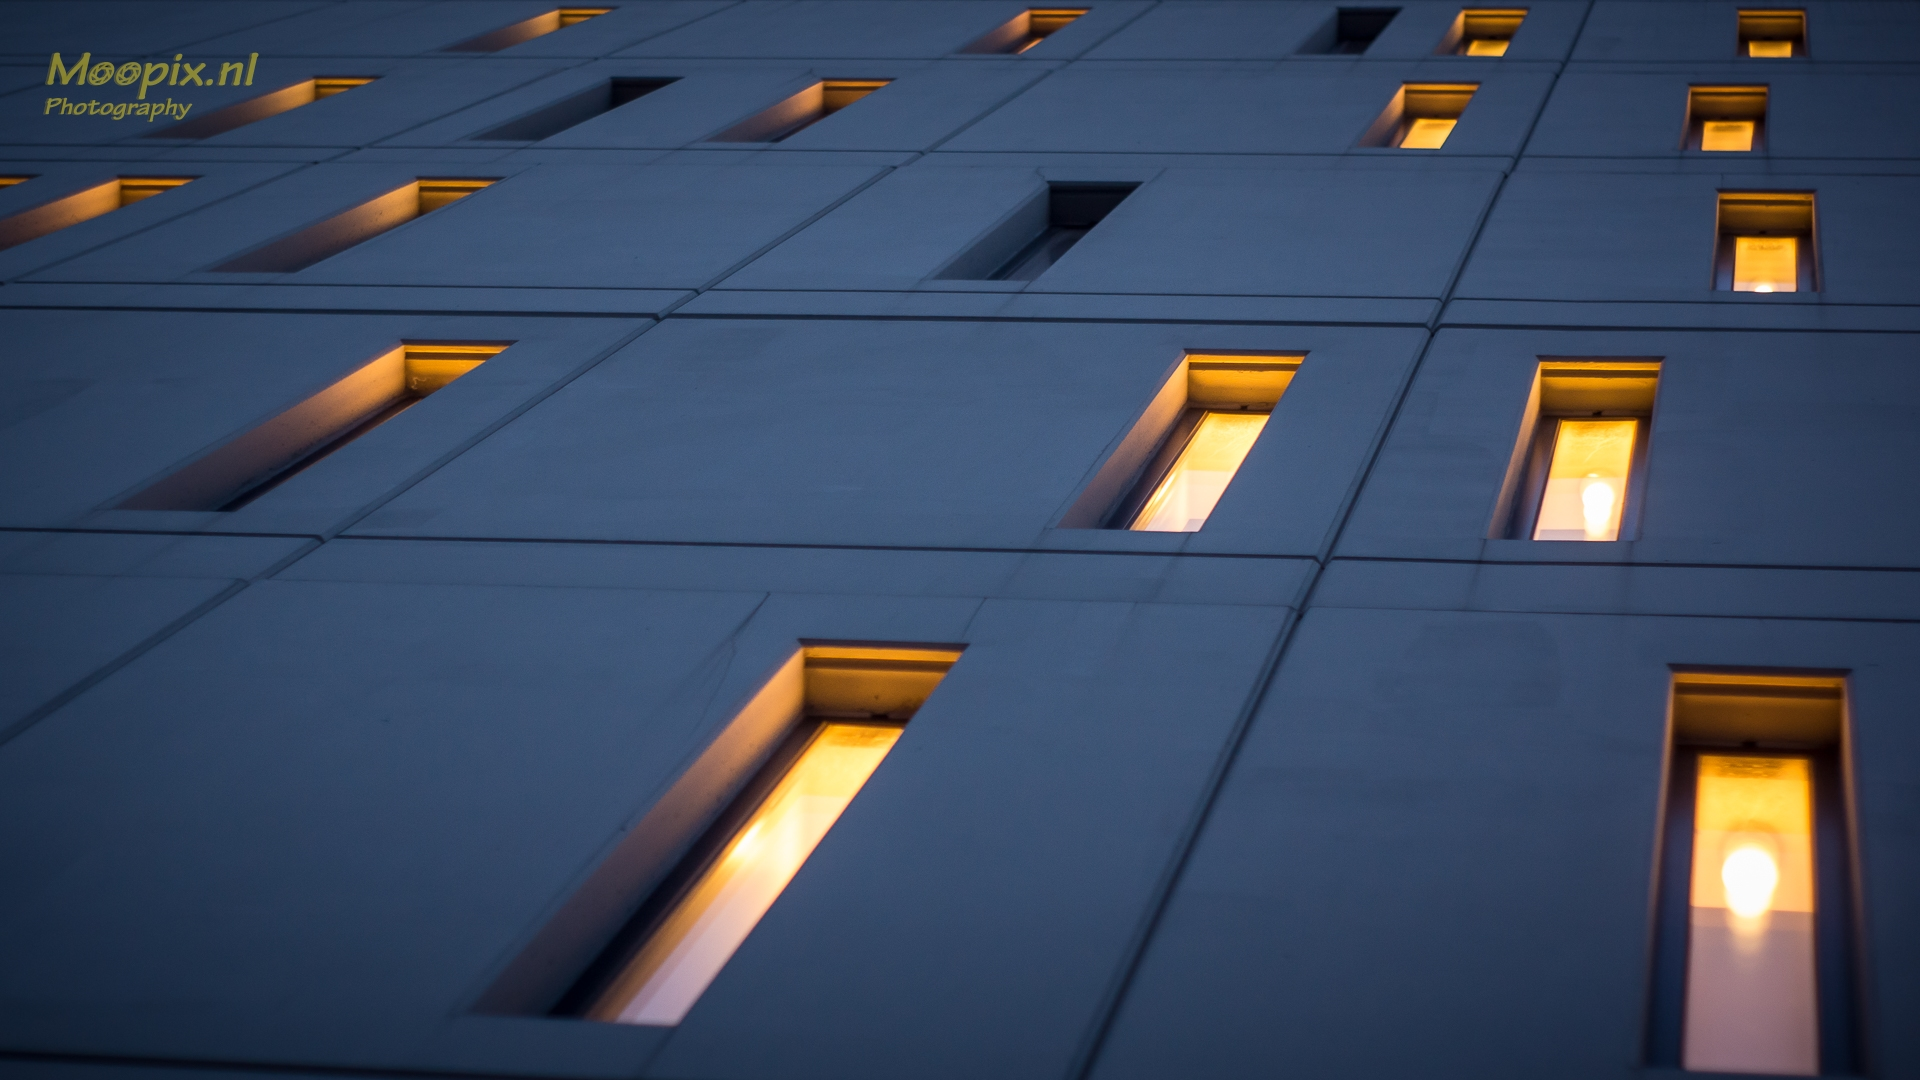 Architectuur : steile muur met verlichte ramen in willekeurig patroon